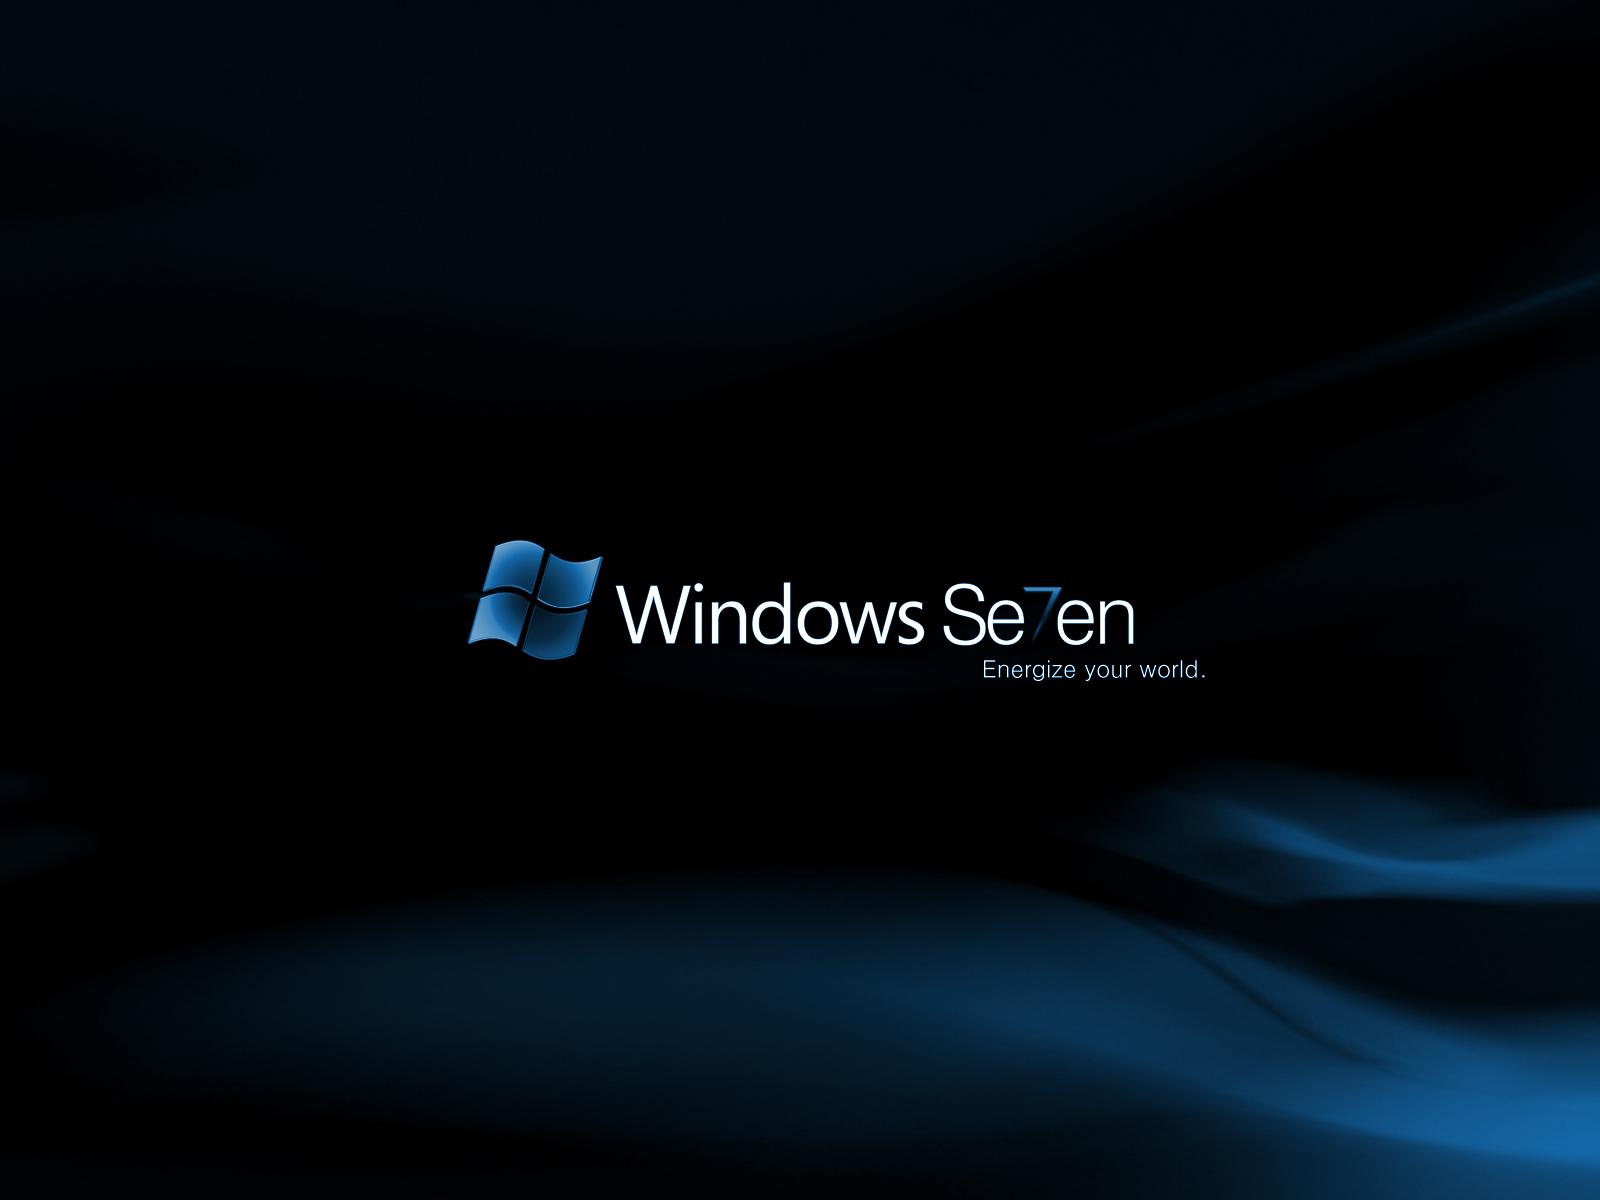 http://2.bp.blogspot.com/_x2oVa4UyUOU/THRvbAmjsLI/AAAAAAAAAP8/RQo8LufOIZ0/s1600/sshotthackenterprise0110+-+windows+7+-+wallpaper.jpg